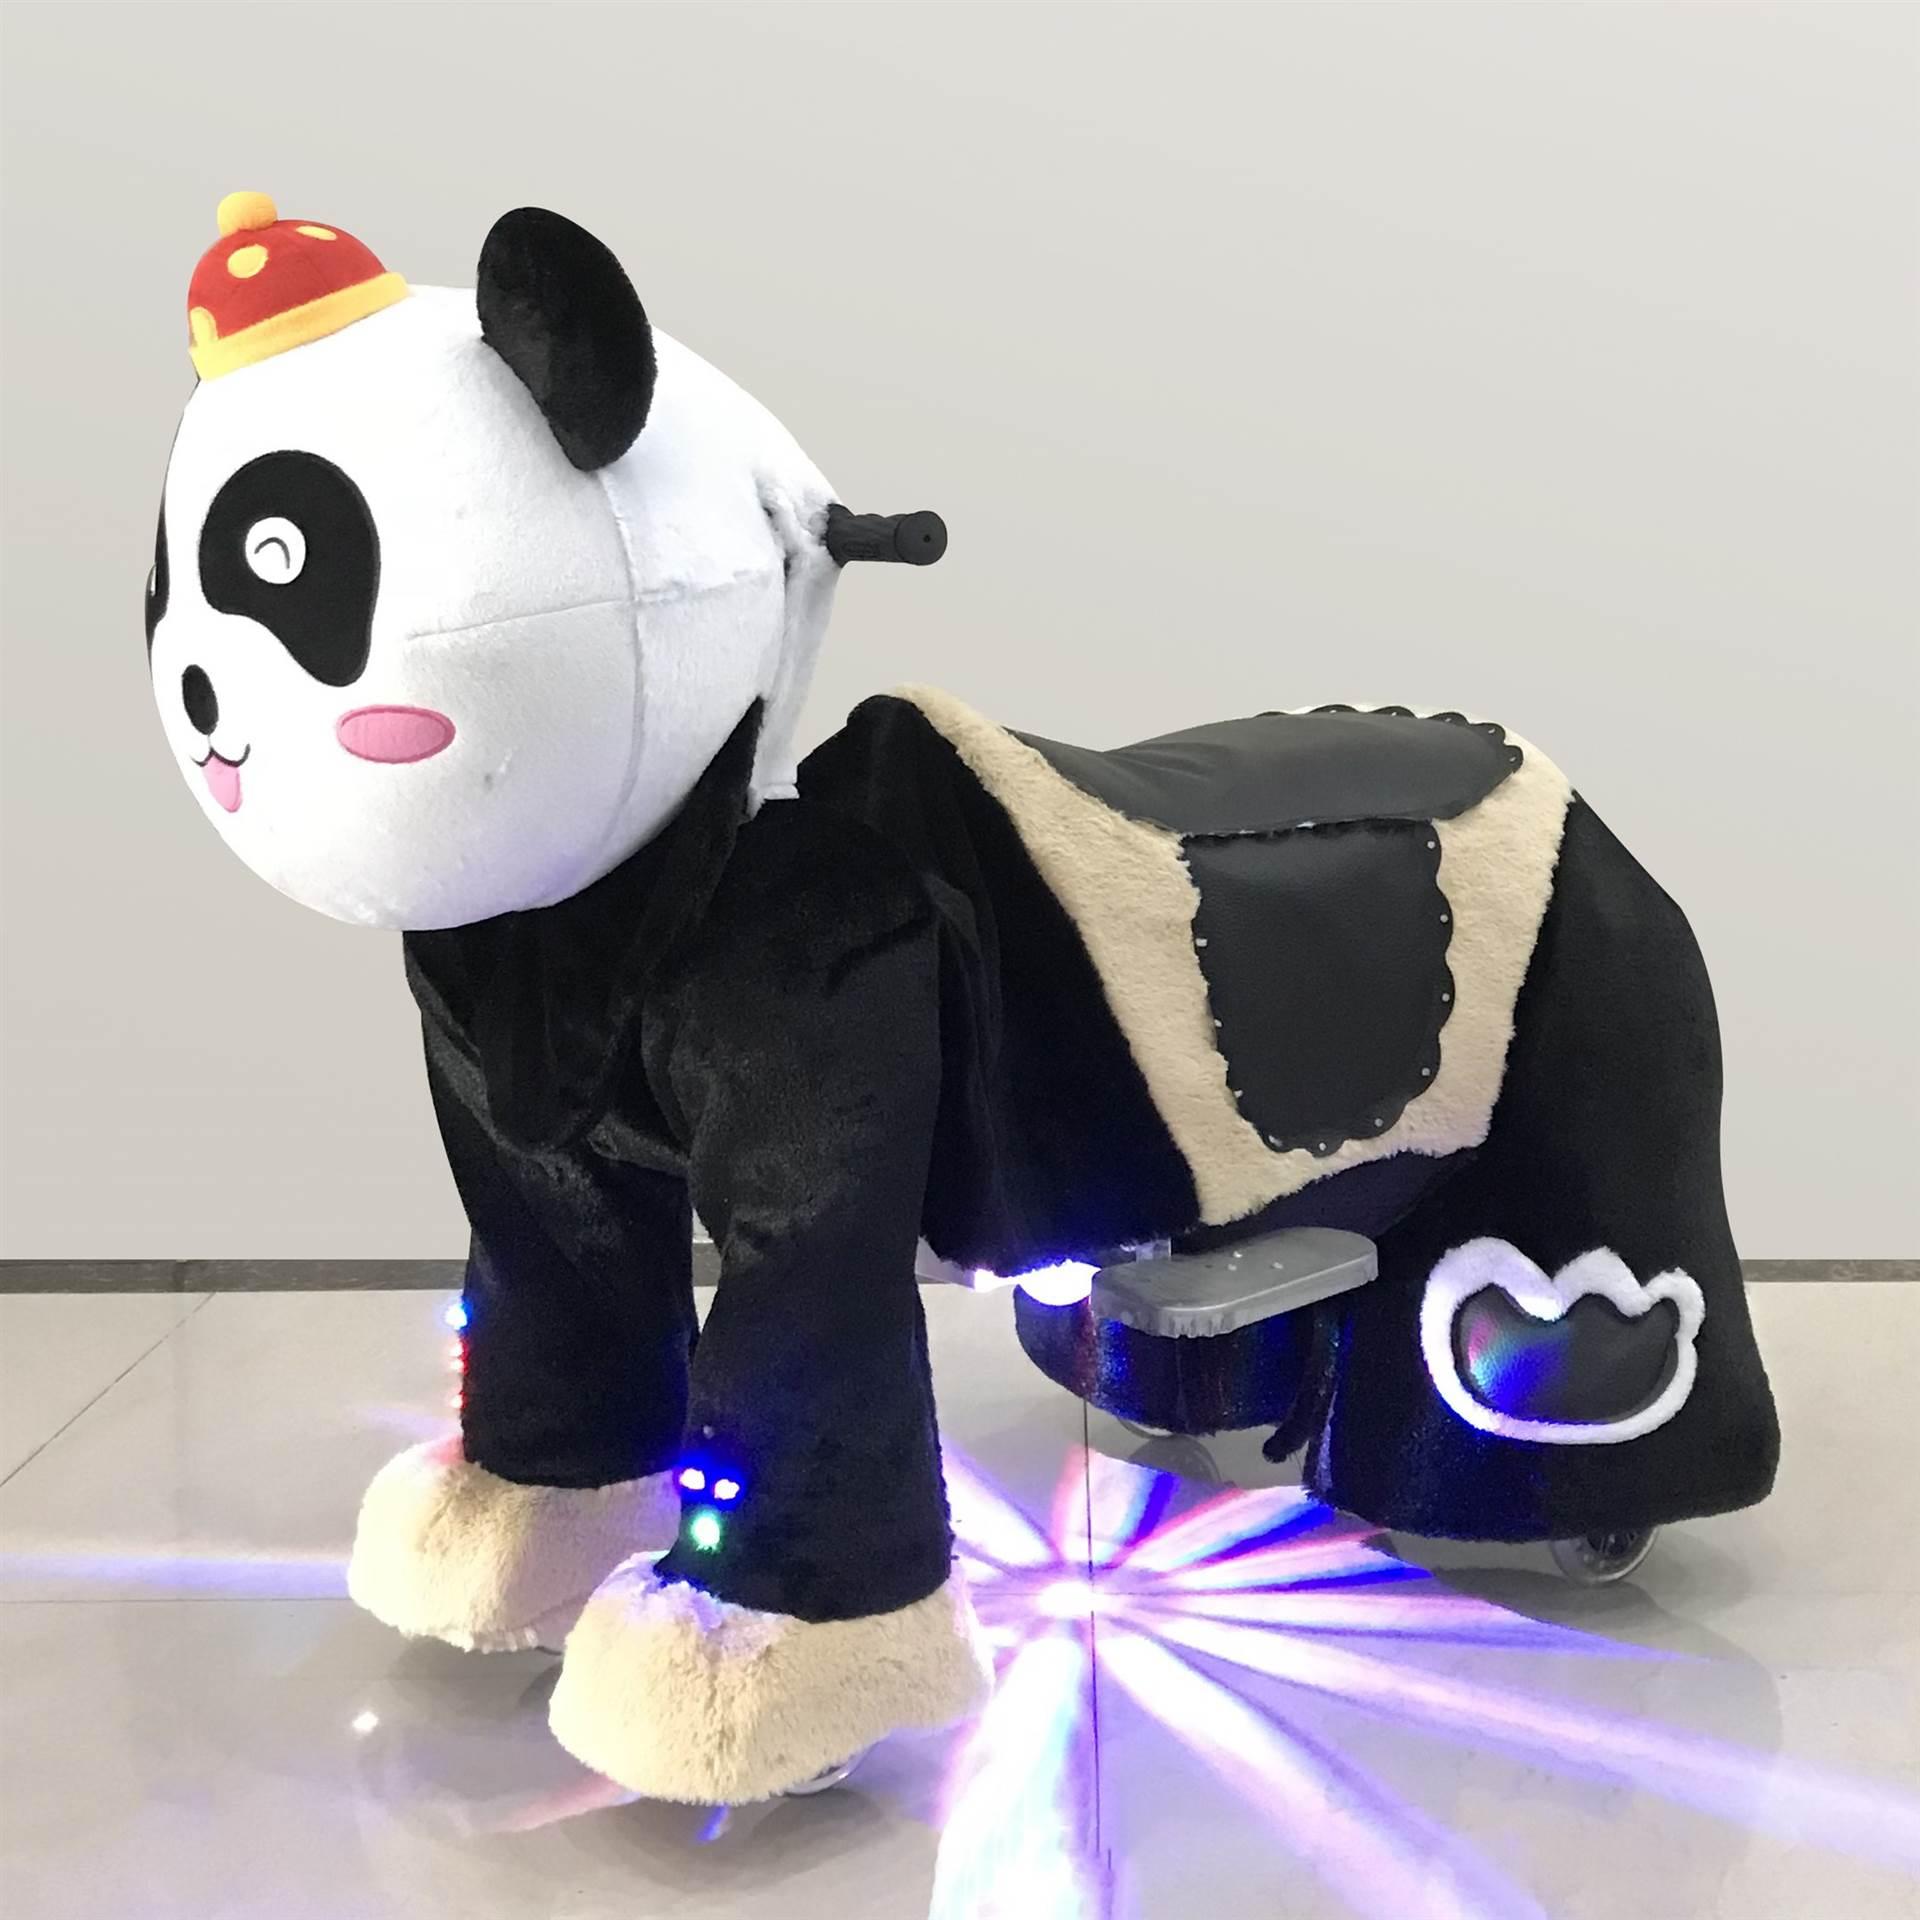 毛绒电动玩具车 益智玩具车 好投资项目